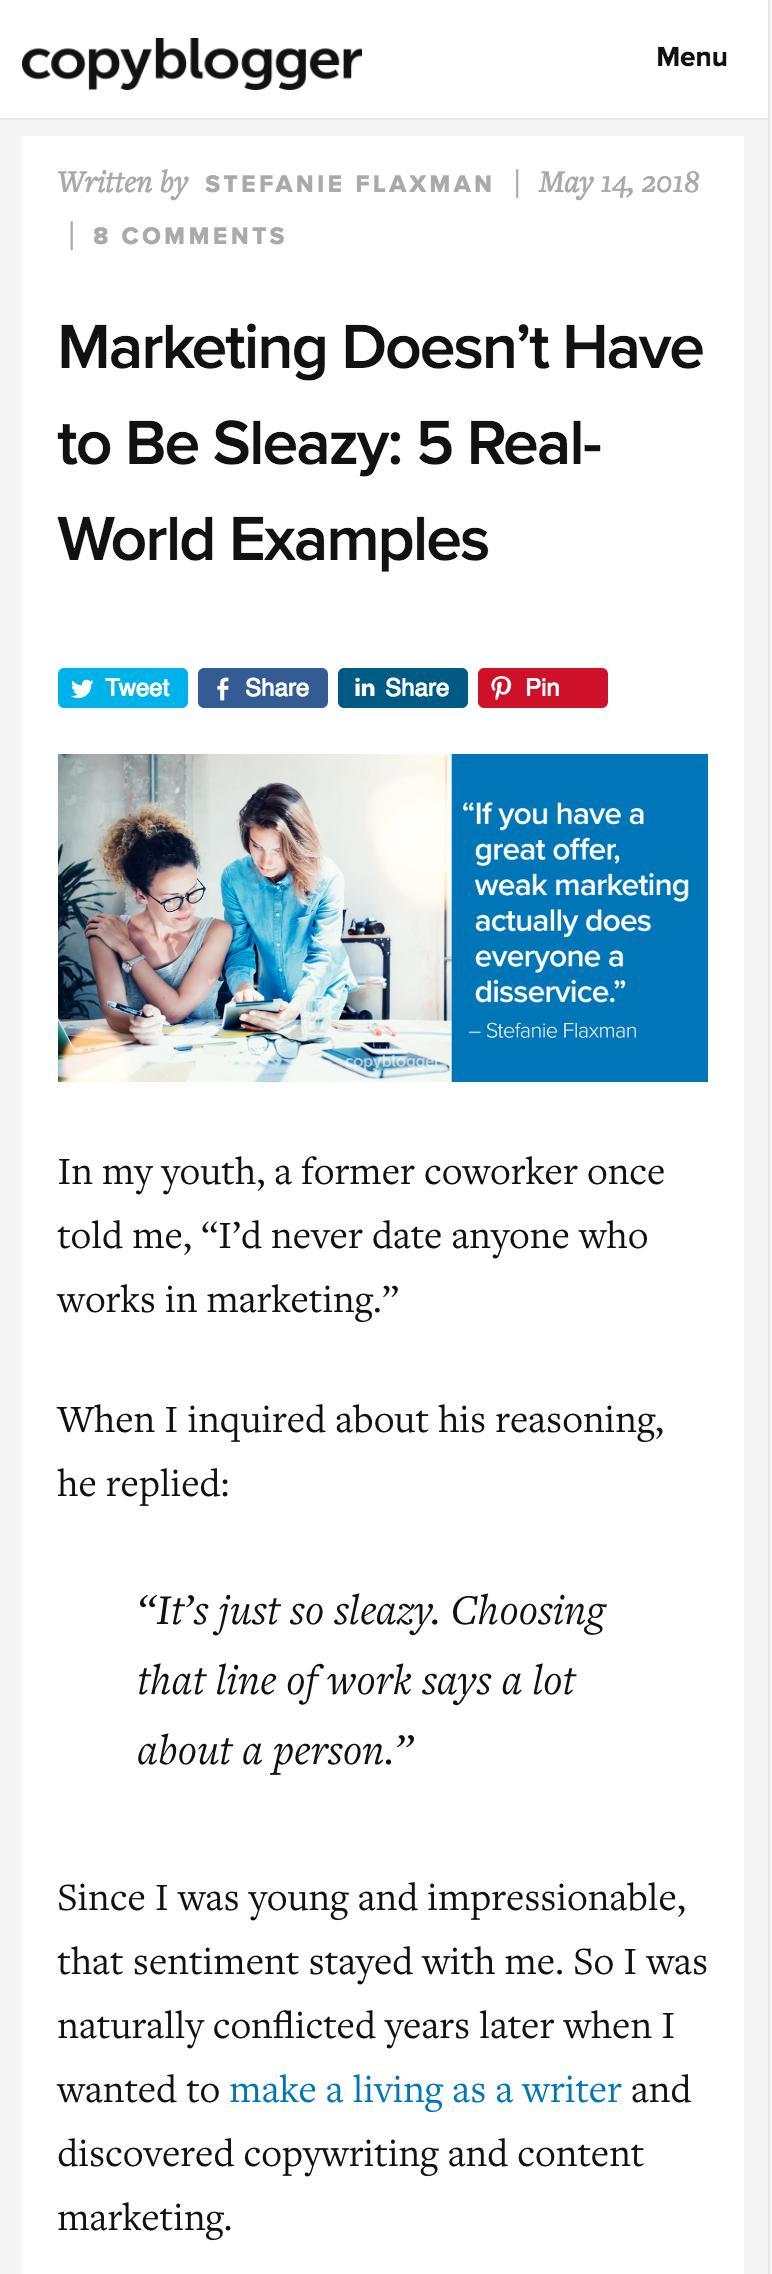 CopyBlogger Content Creation